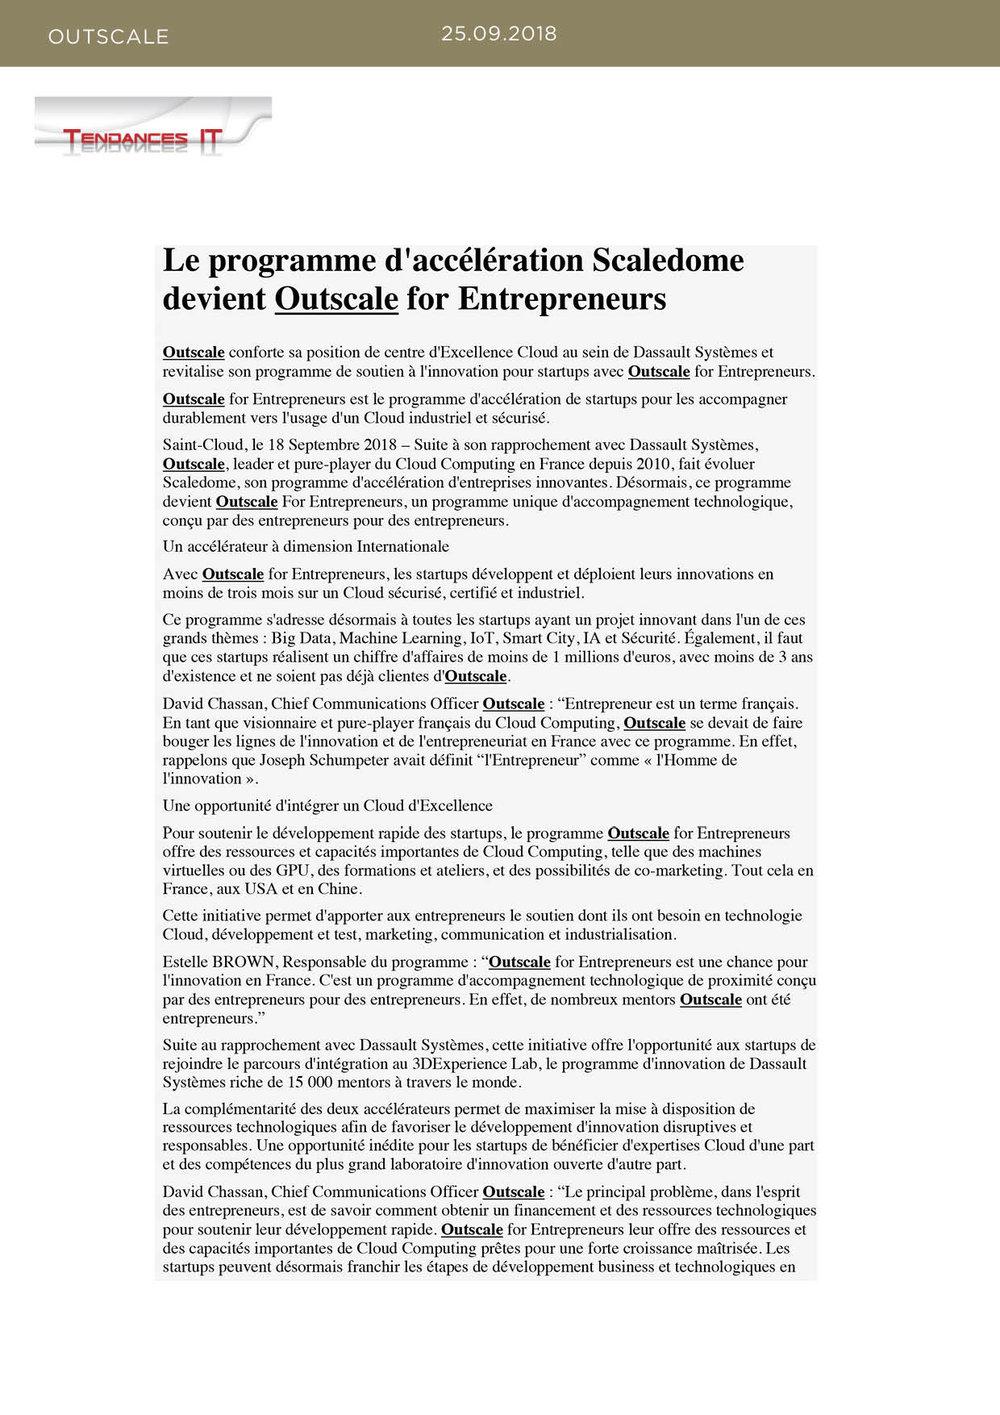 BOOKMEDIA_SEPT17.jpg